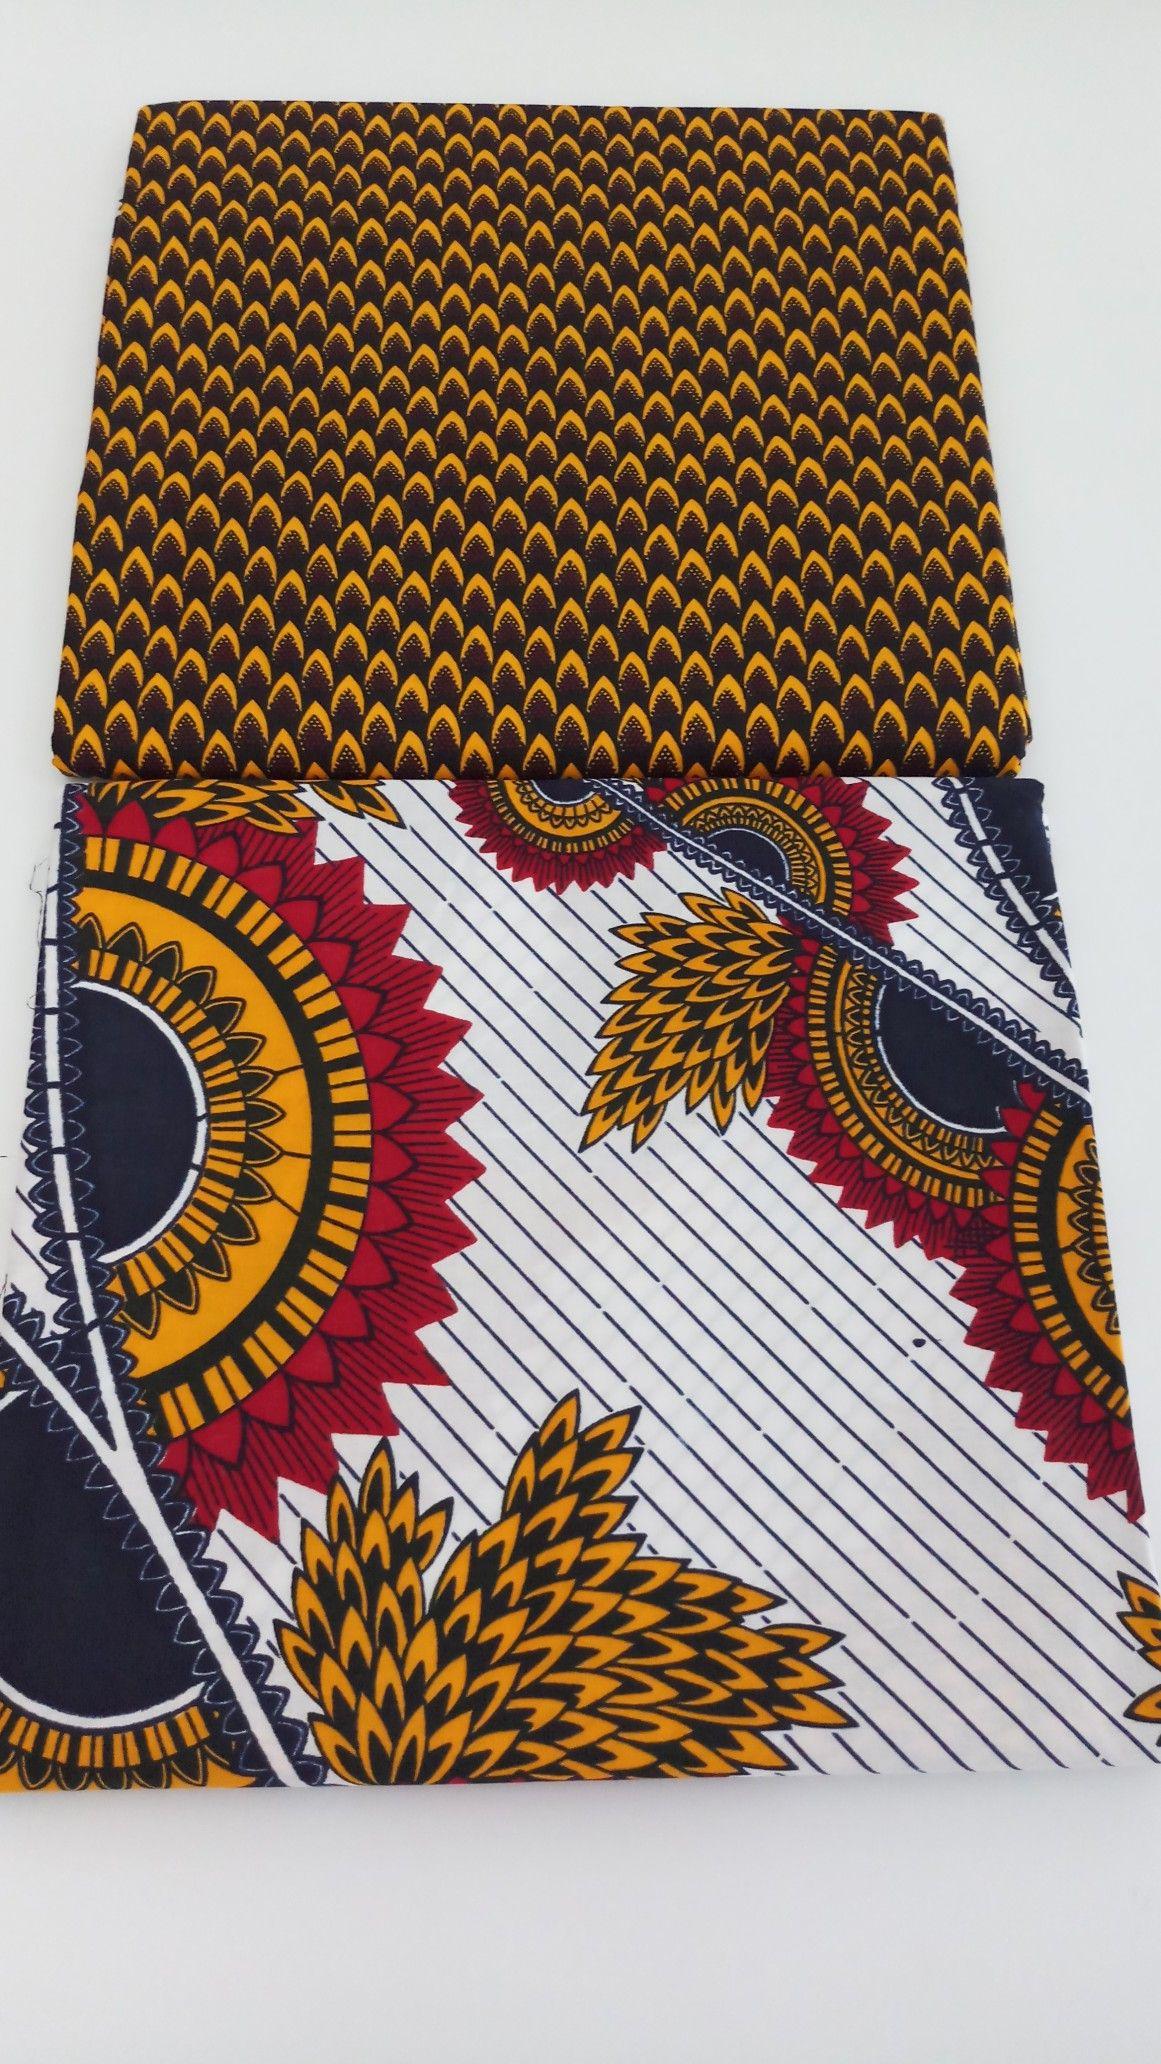 Cotton textured non fade ankara fabrics african textiles